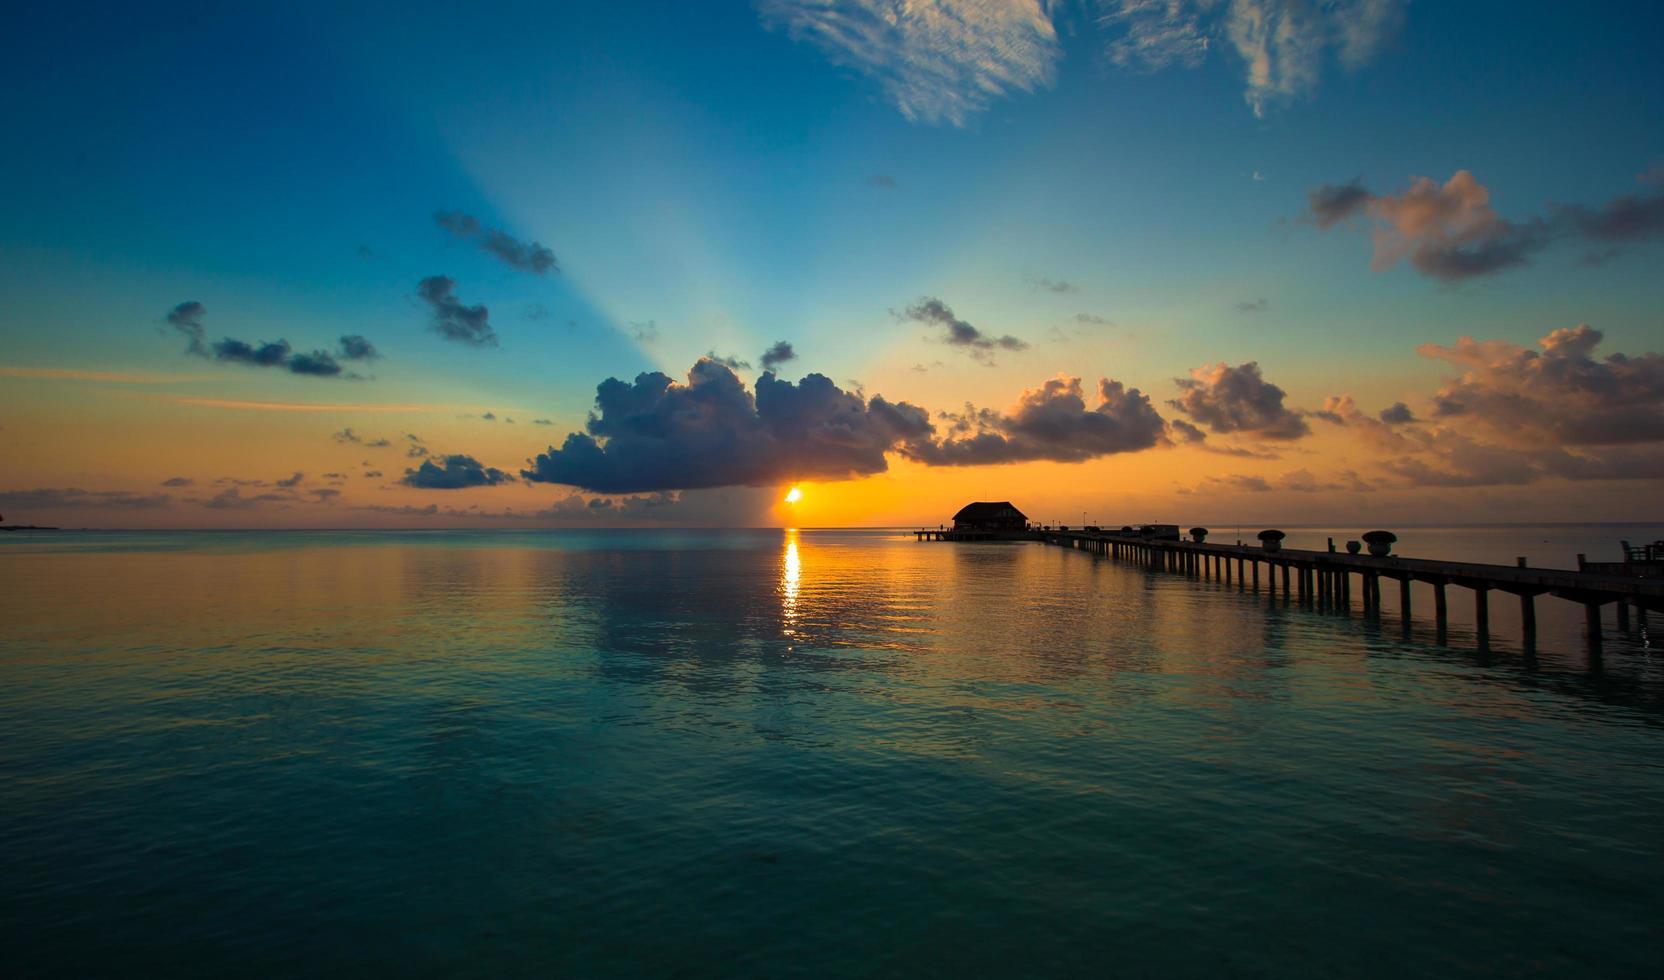 maldive, asia meridionale, 2020 - tramonto colorato su un'isola tropicale foto